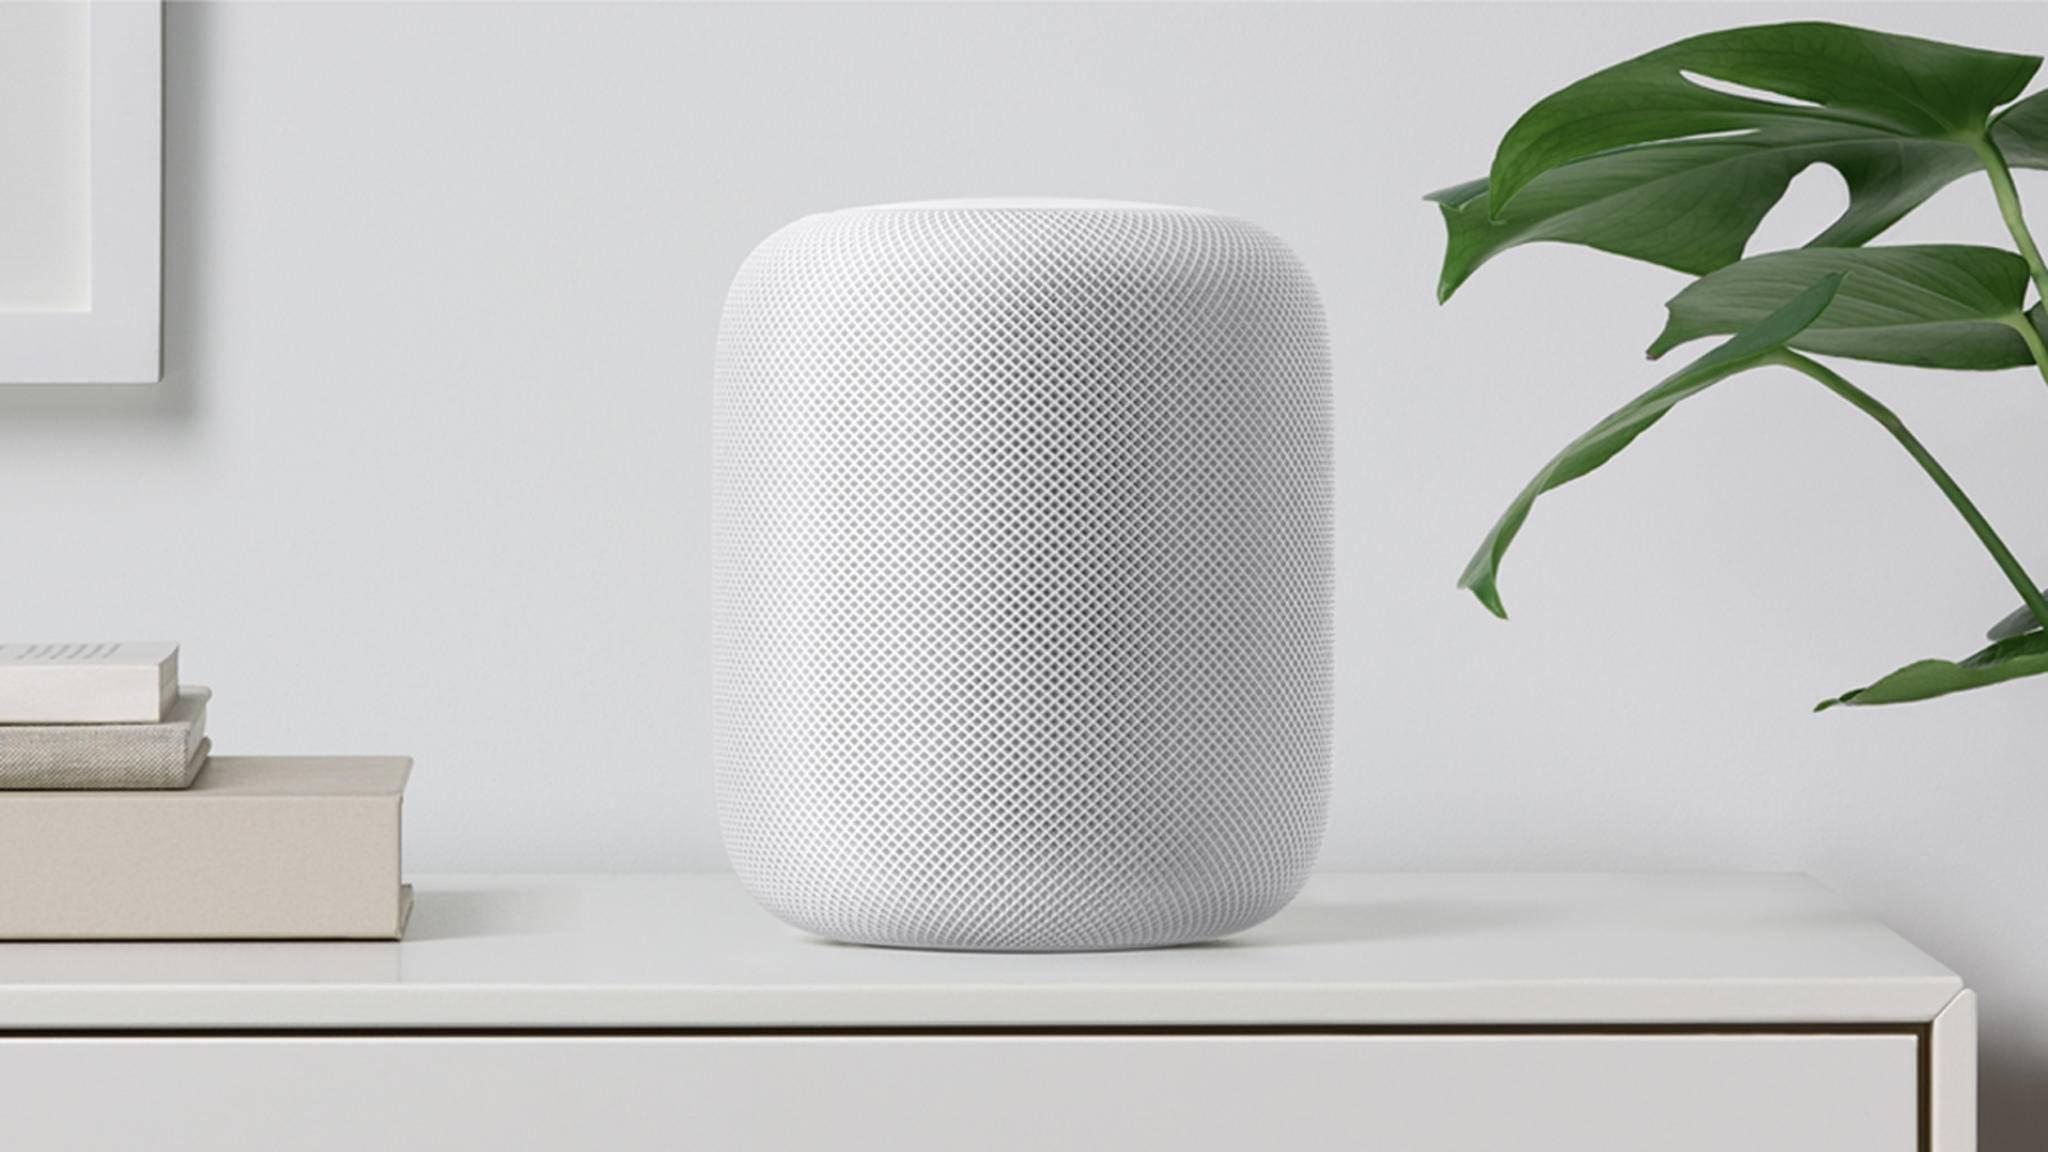 Der Apple HomePod soll im Frühjahr auch in Deutschland erscheinen.